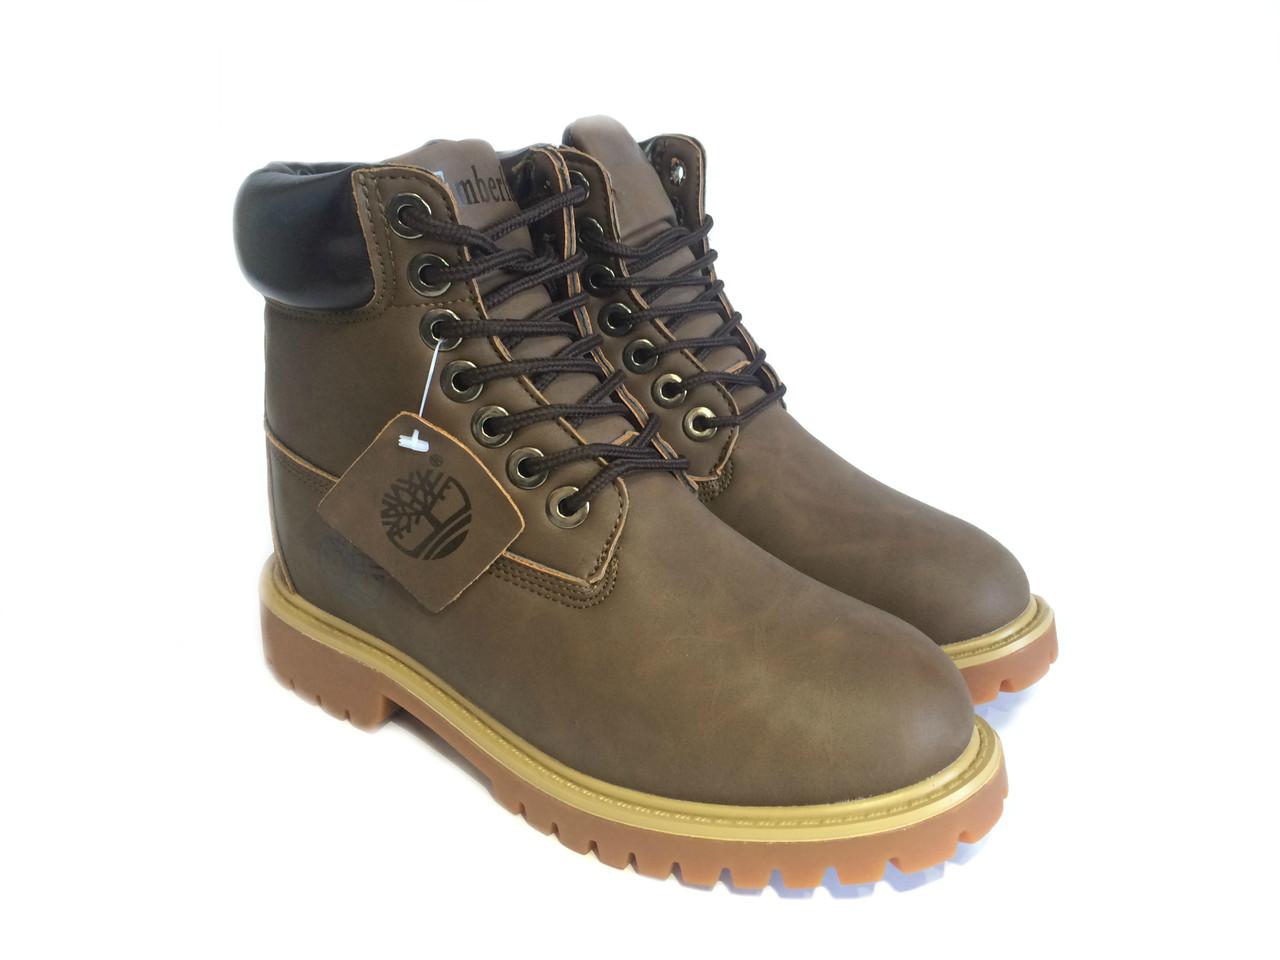 332fd819700 Ботинки зимние мужские Timberland 6-Inch Premium с мехом 35-46 размеры